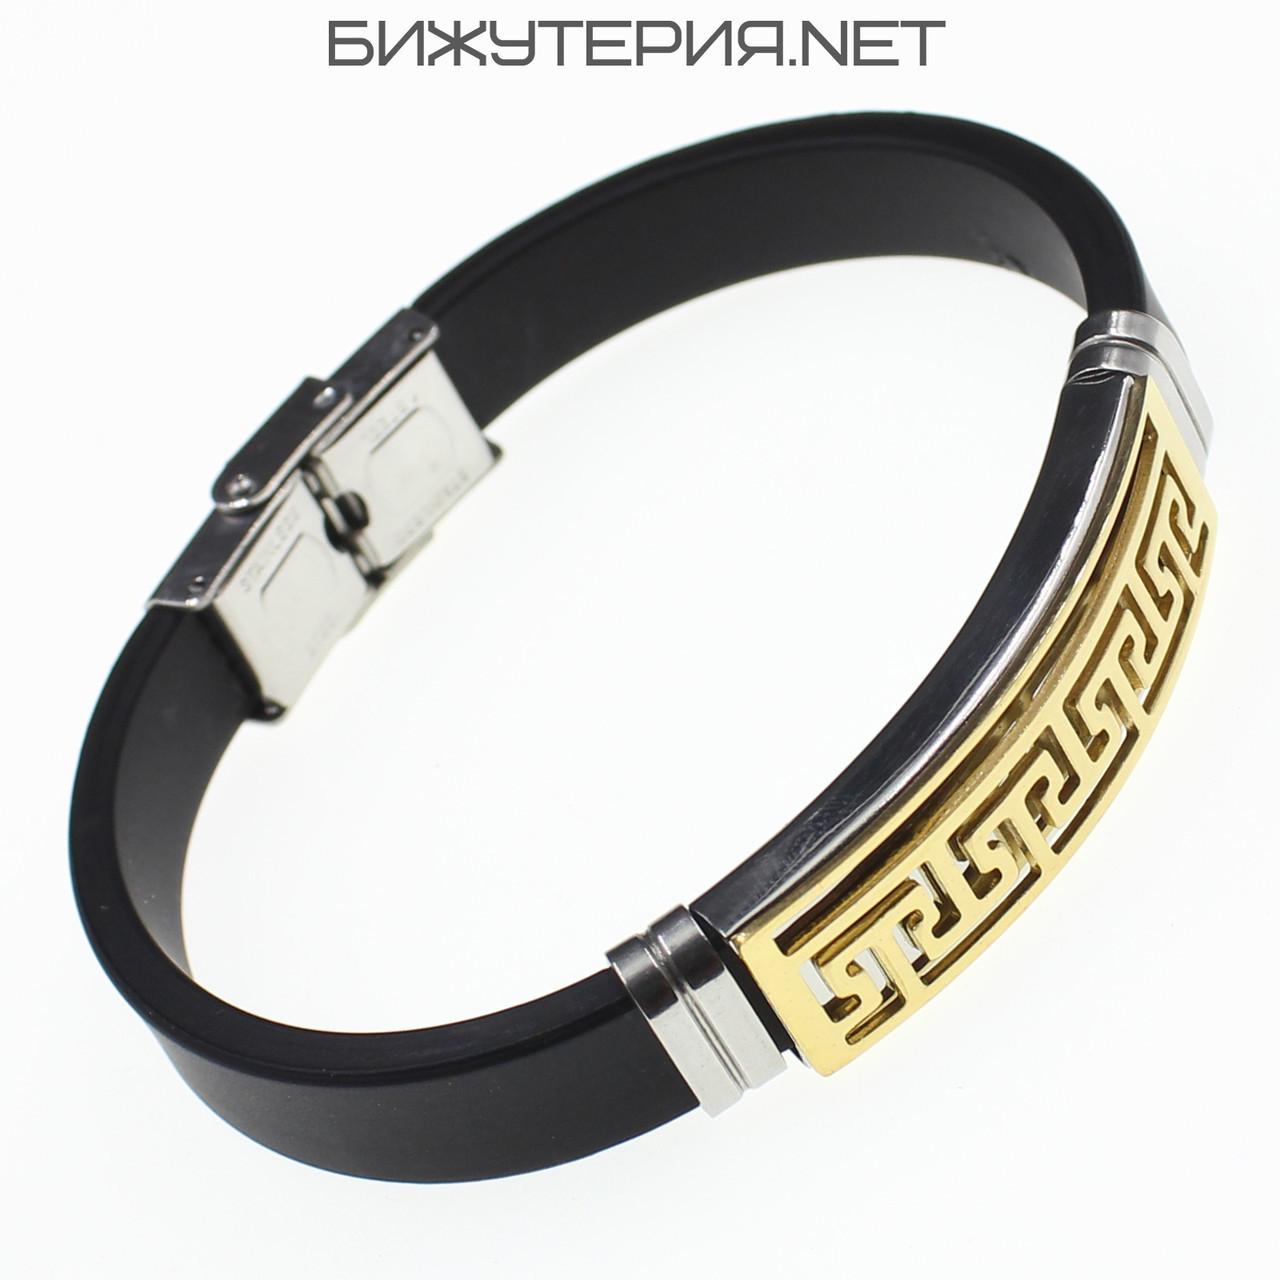 Браслет мужской Stainless Steel медицинская сталь, черный - 1059079851